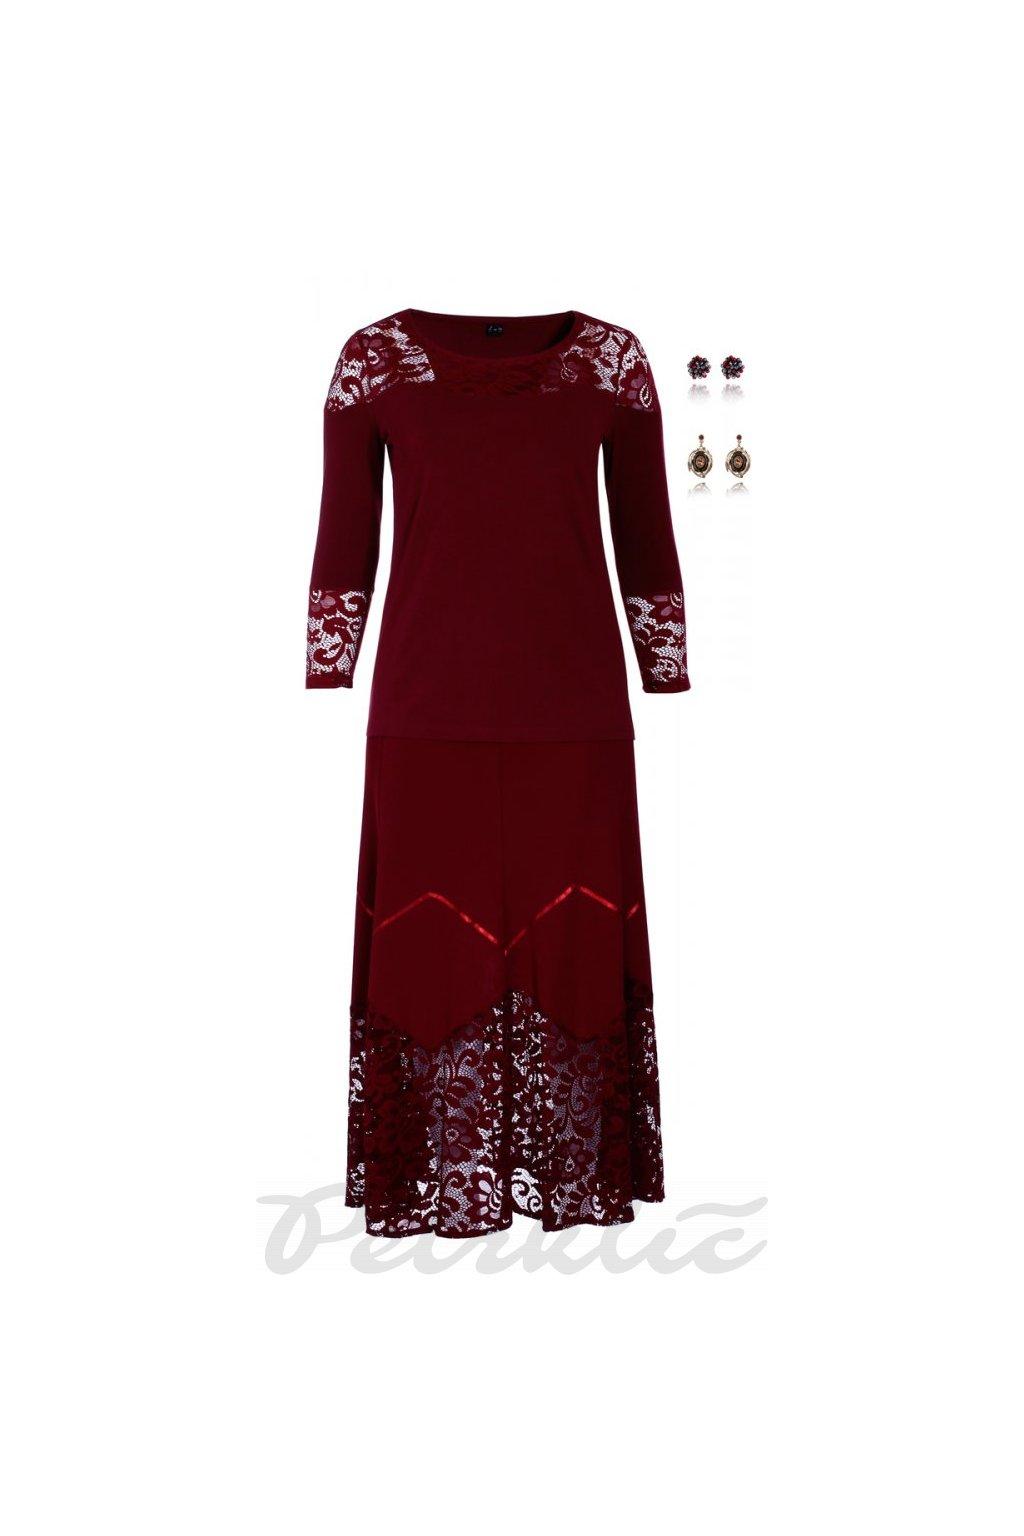 PAMELA společenská dílová sukně 90 cm - 95 cm